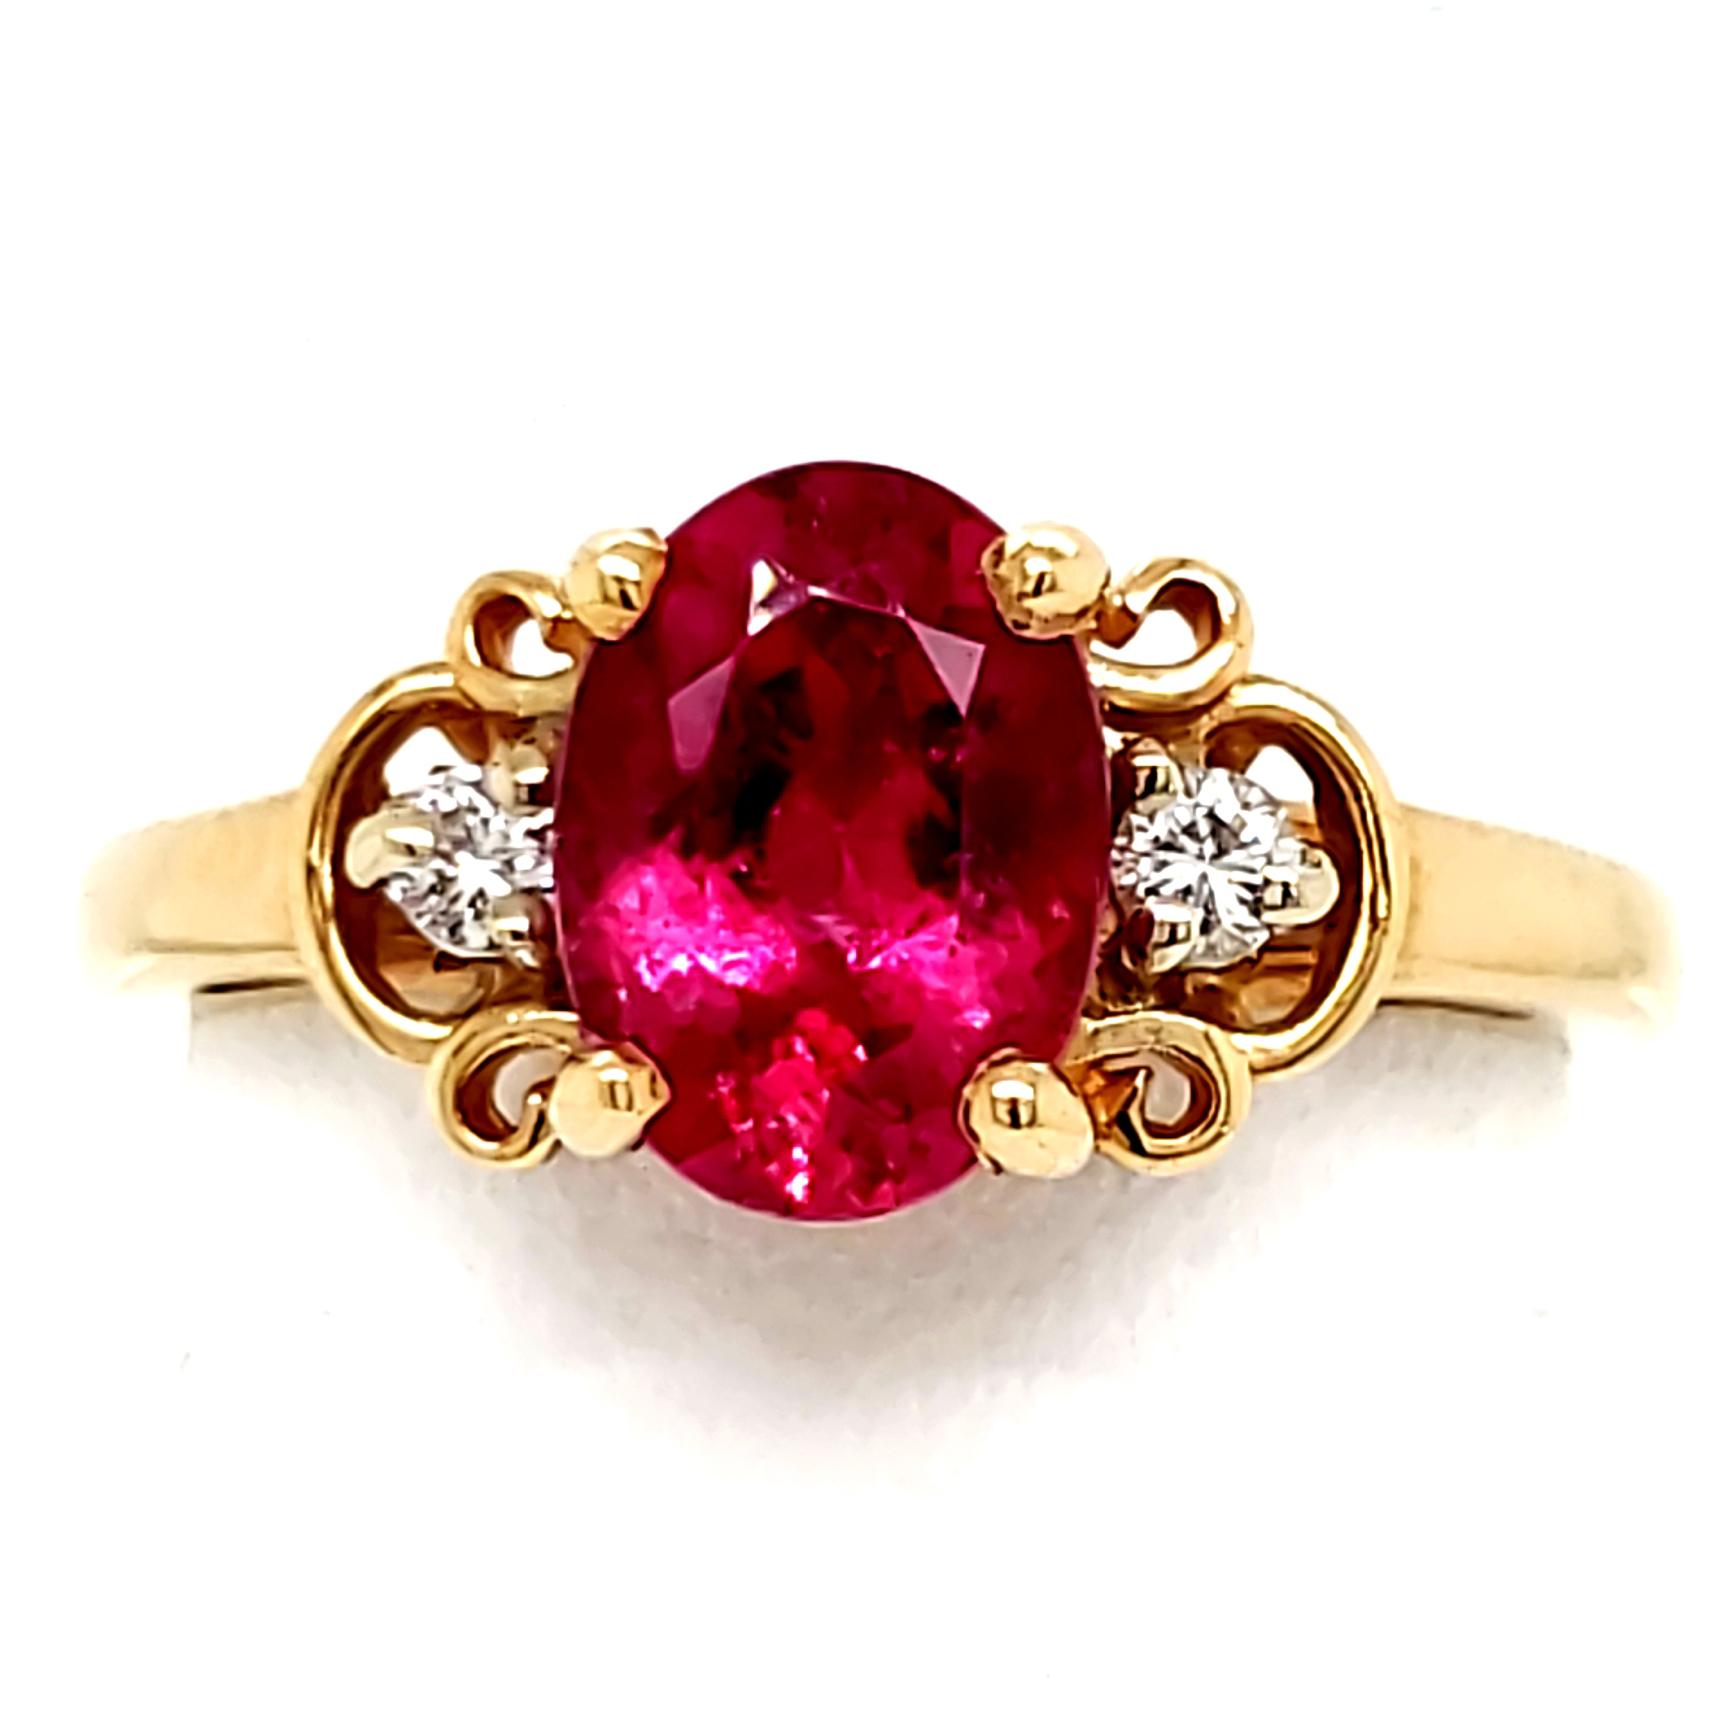 2 carat Rubellite and Diamond 14k Ring